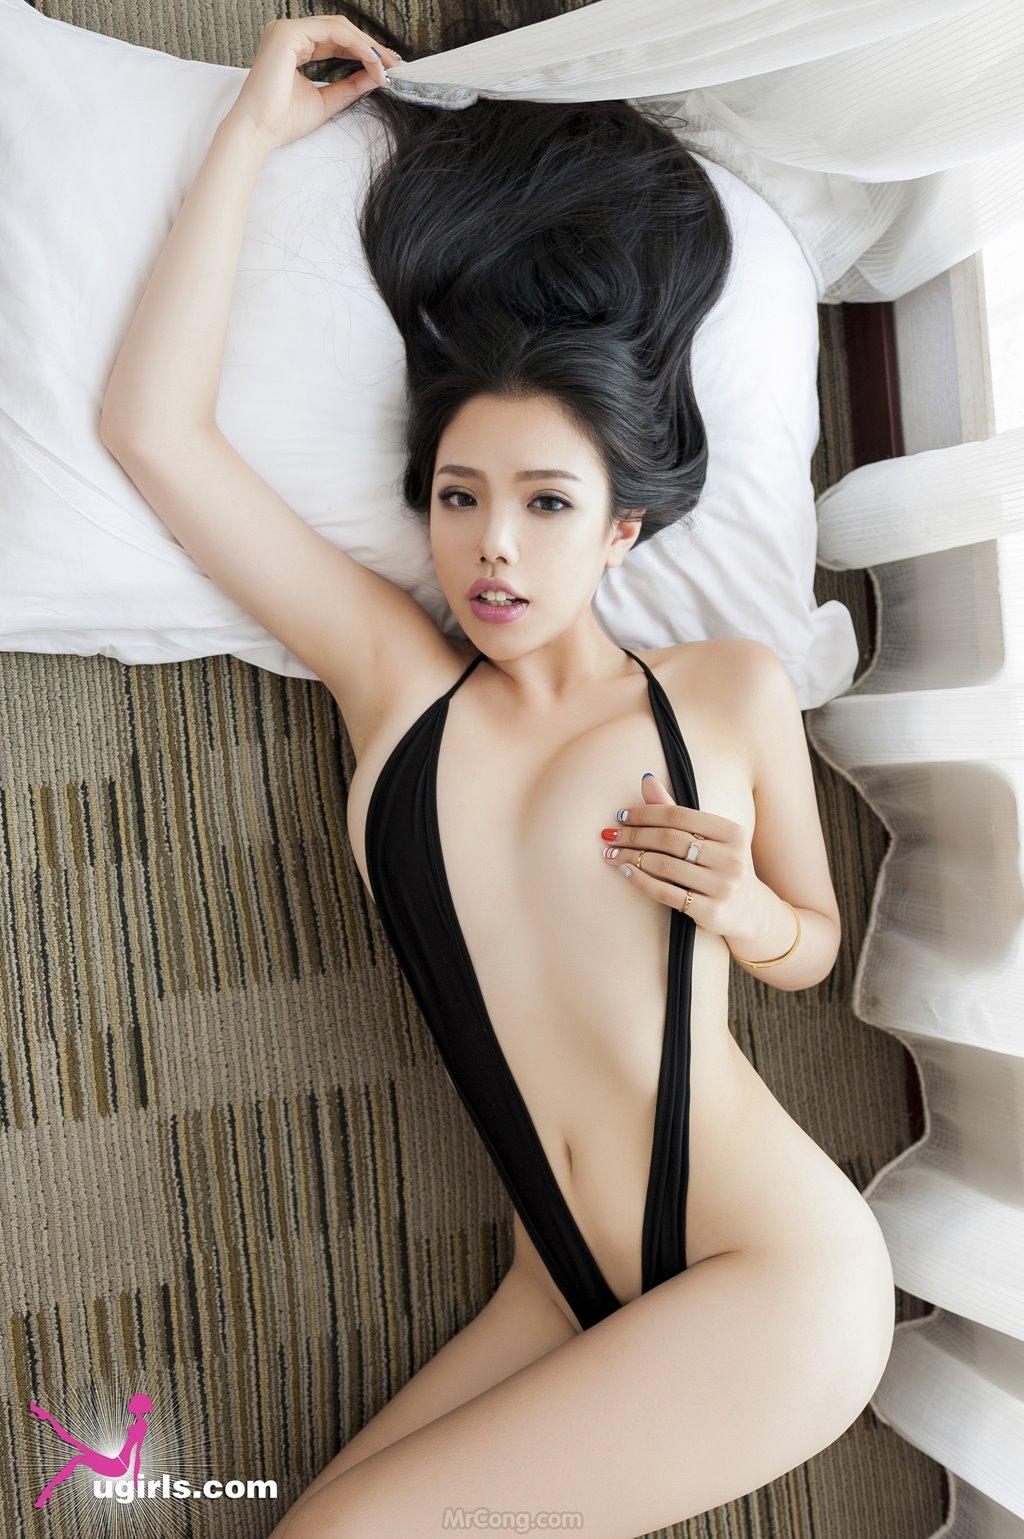 Image MrCong.com-UGIRLS-035-Ni-Xiao-Yao-022 in post Mê mẩn ngắm vòng một nở nang của người đẹp Ni Xiao Yao (妮小妖) trong bộ ảnh UGIRLS 035